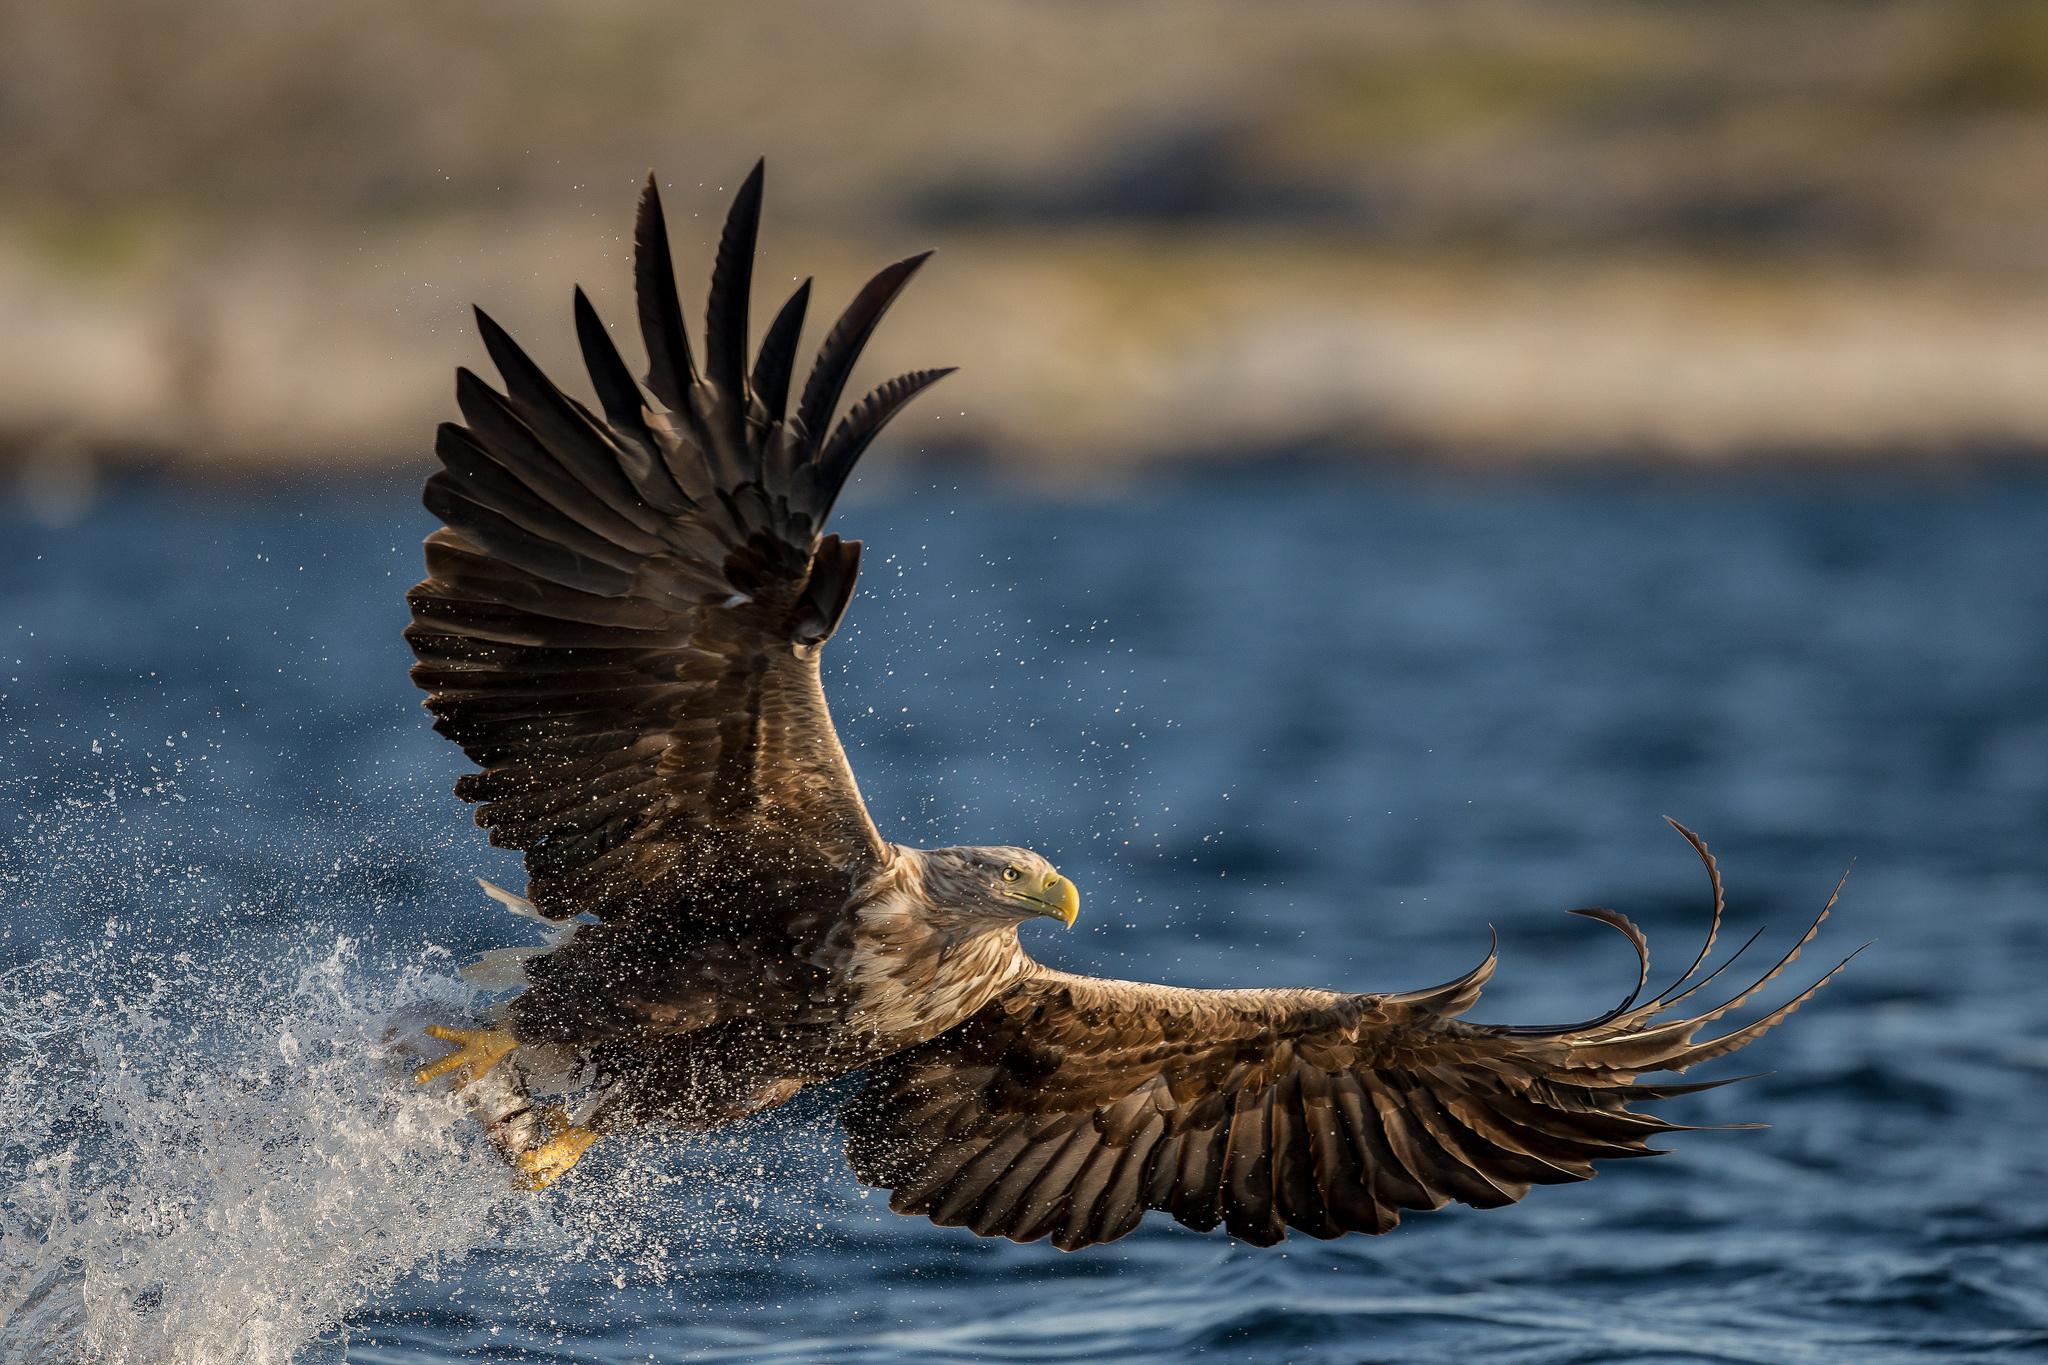 Eagle bird predator wings water spray drops wallpaper 2048x1365 eagle bird predator wings water spray drops wallpaper 2048x1365 135915 wallpaperup voltagebd Image collections